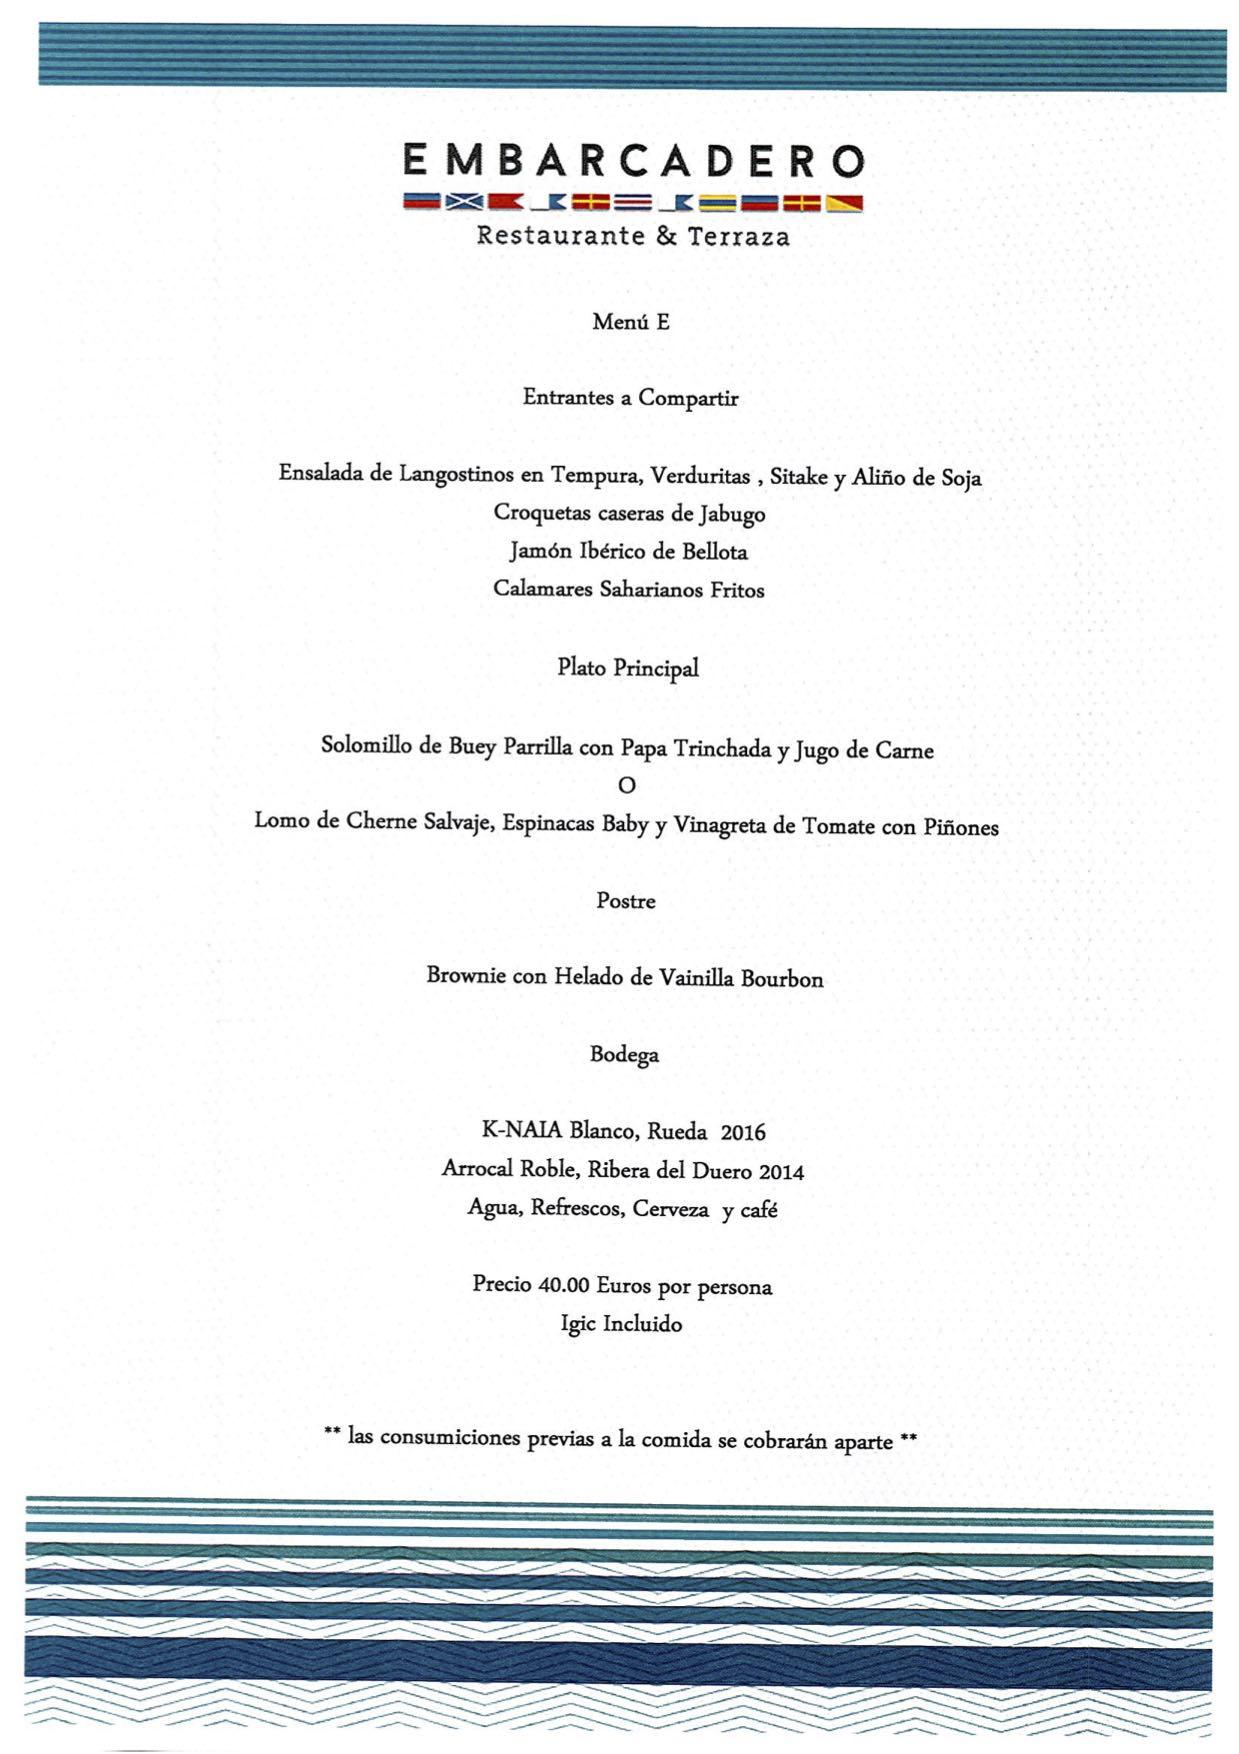 embarcadero-eventos-menu-e